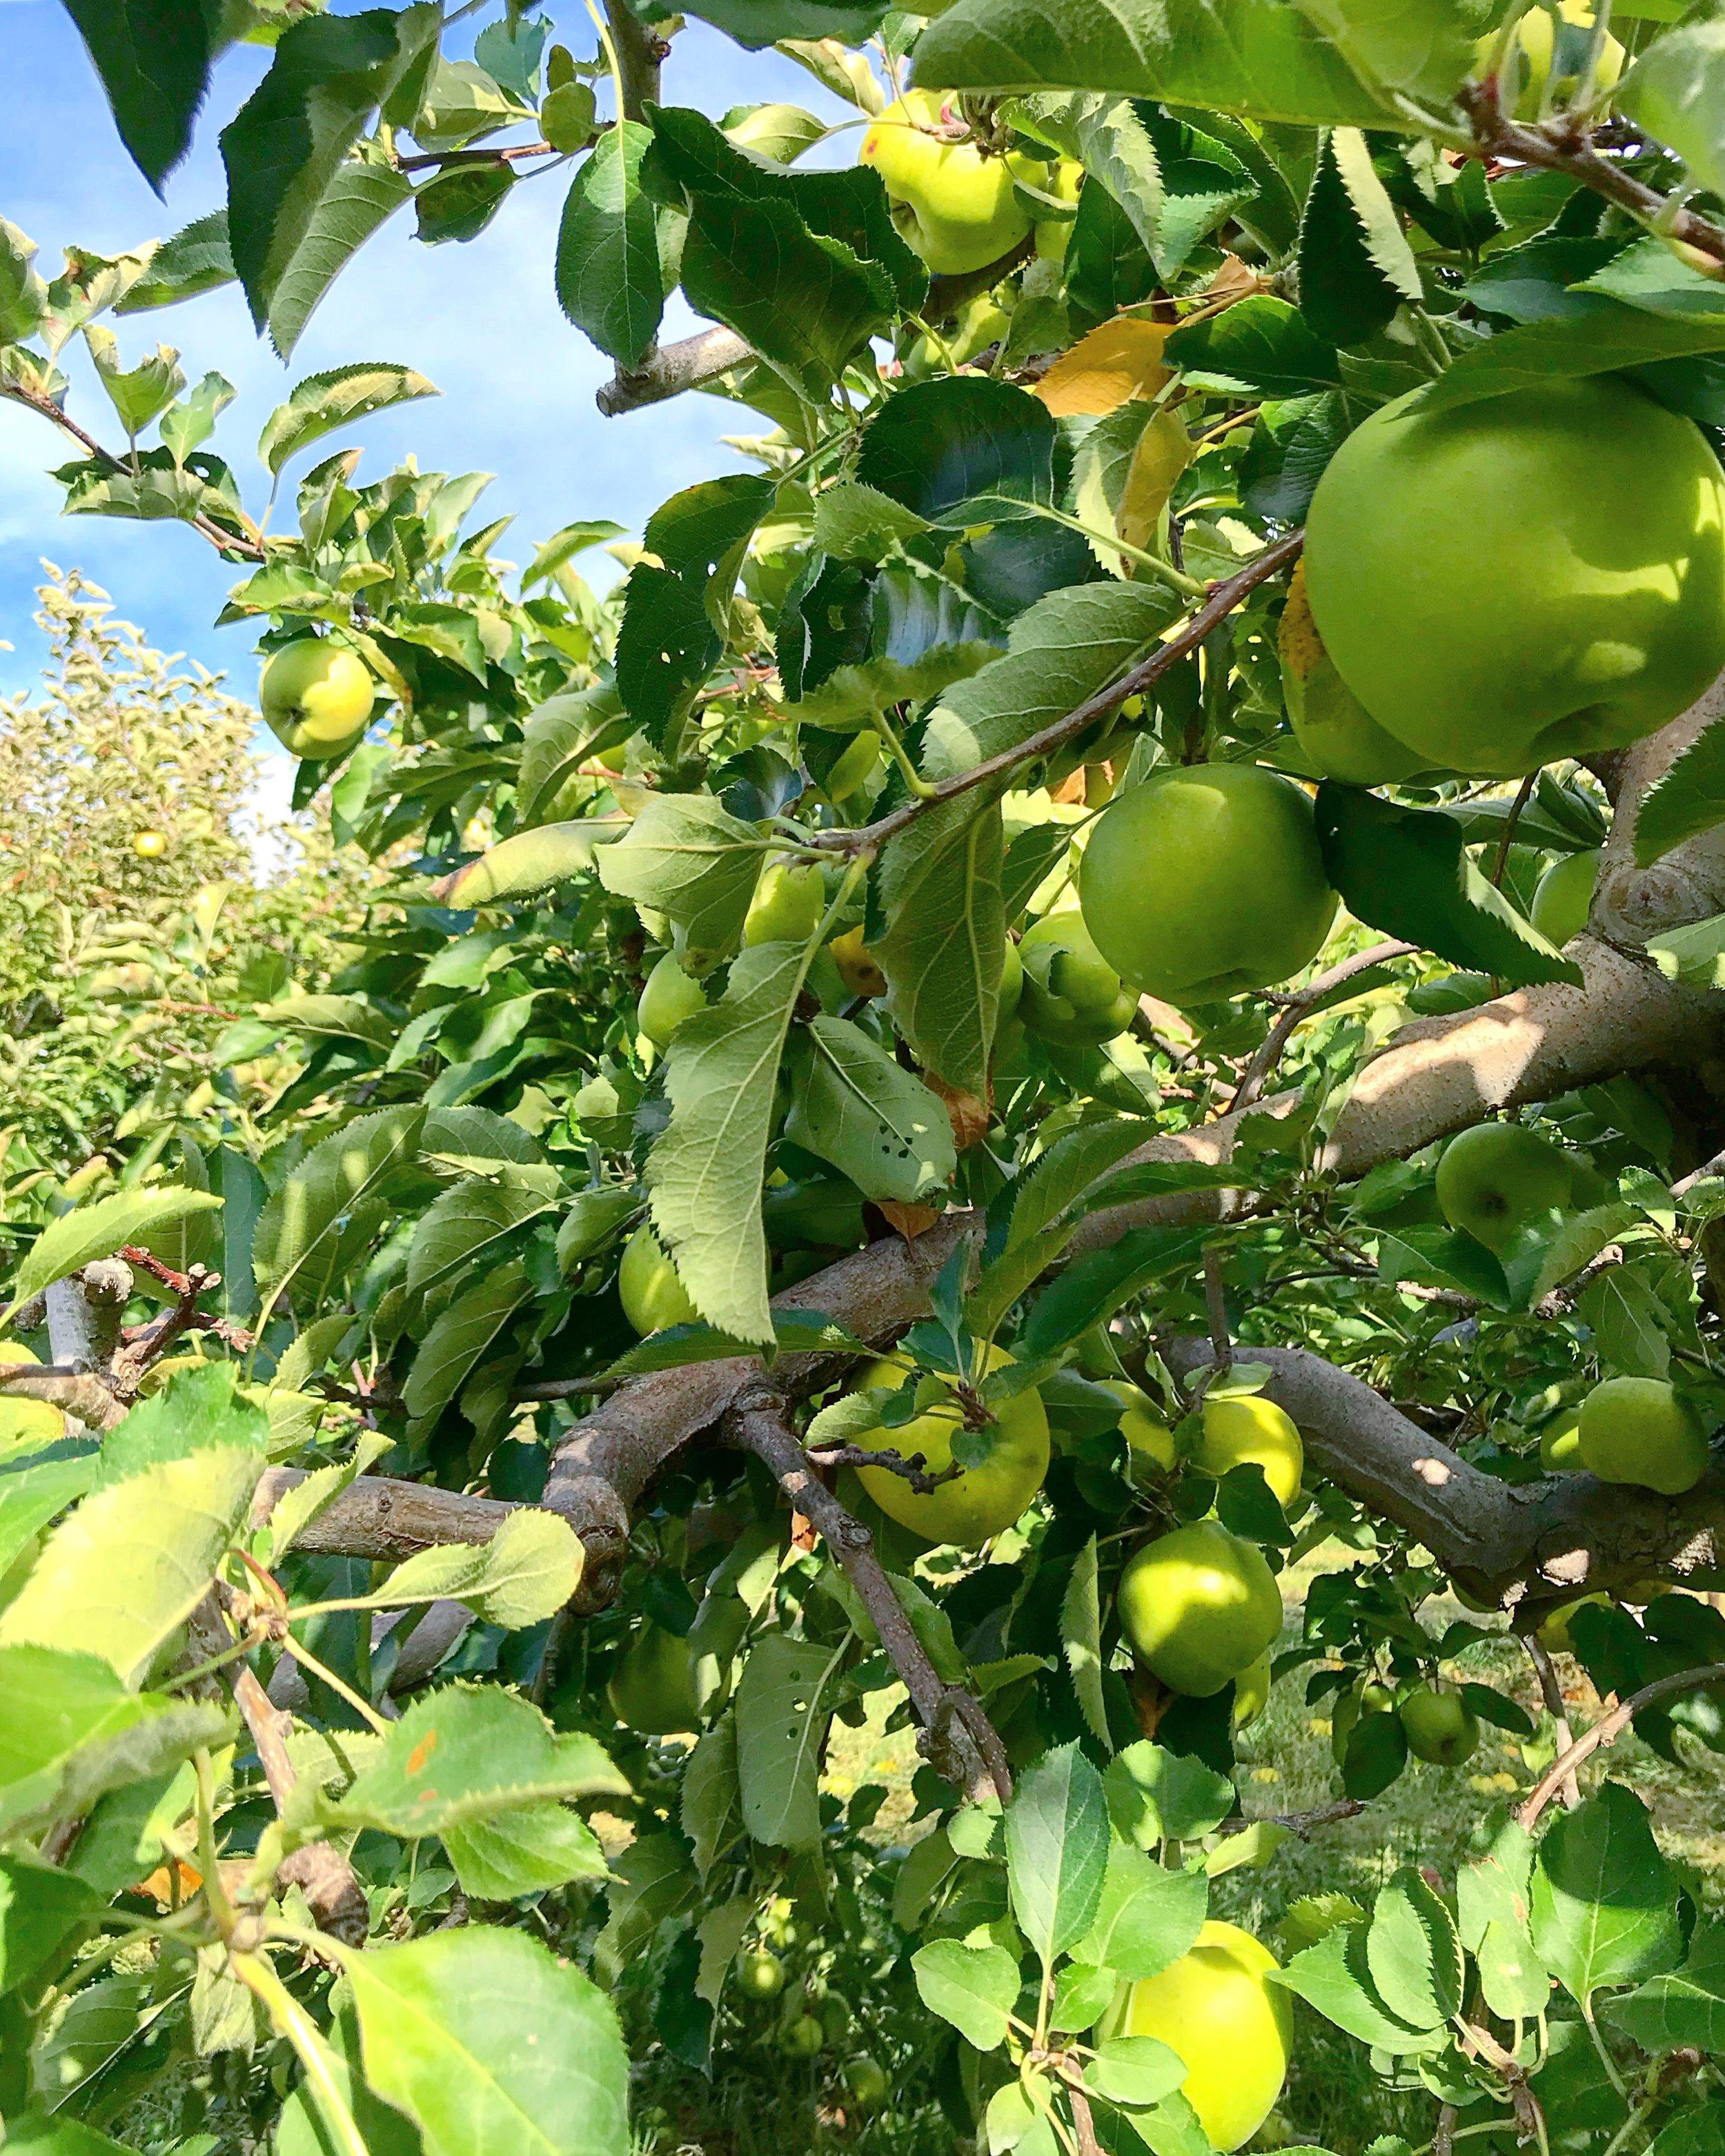 Green Apple Orchid, Fishkill Farms, NY